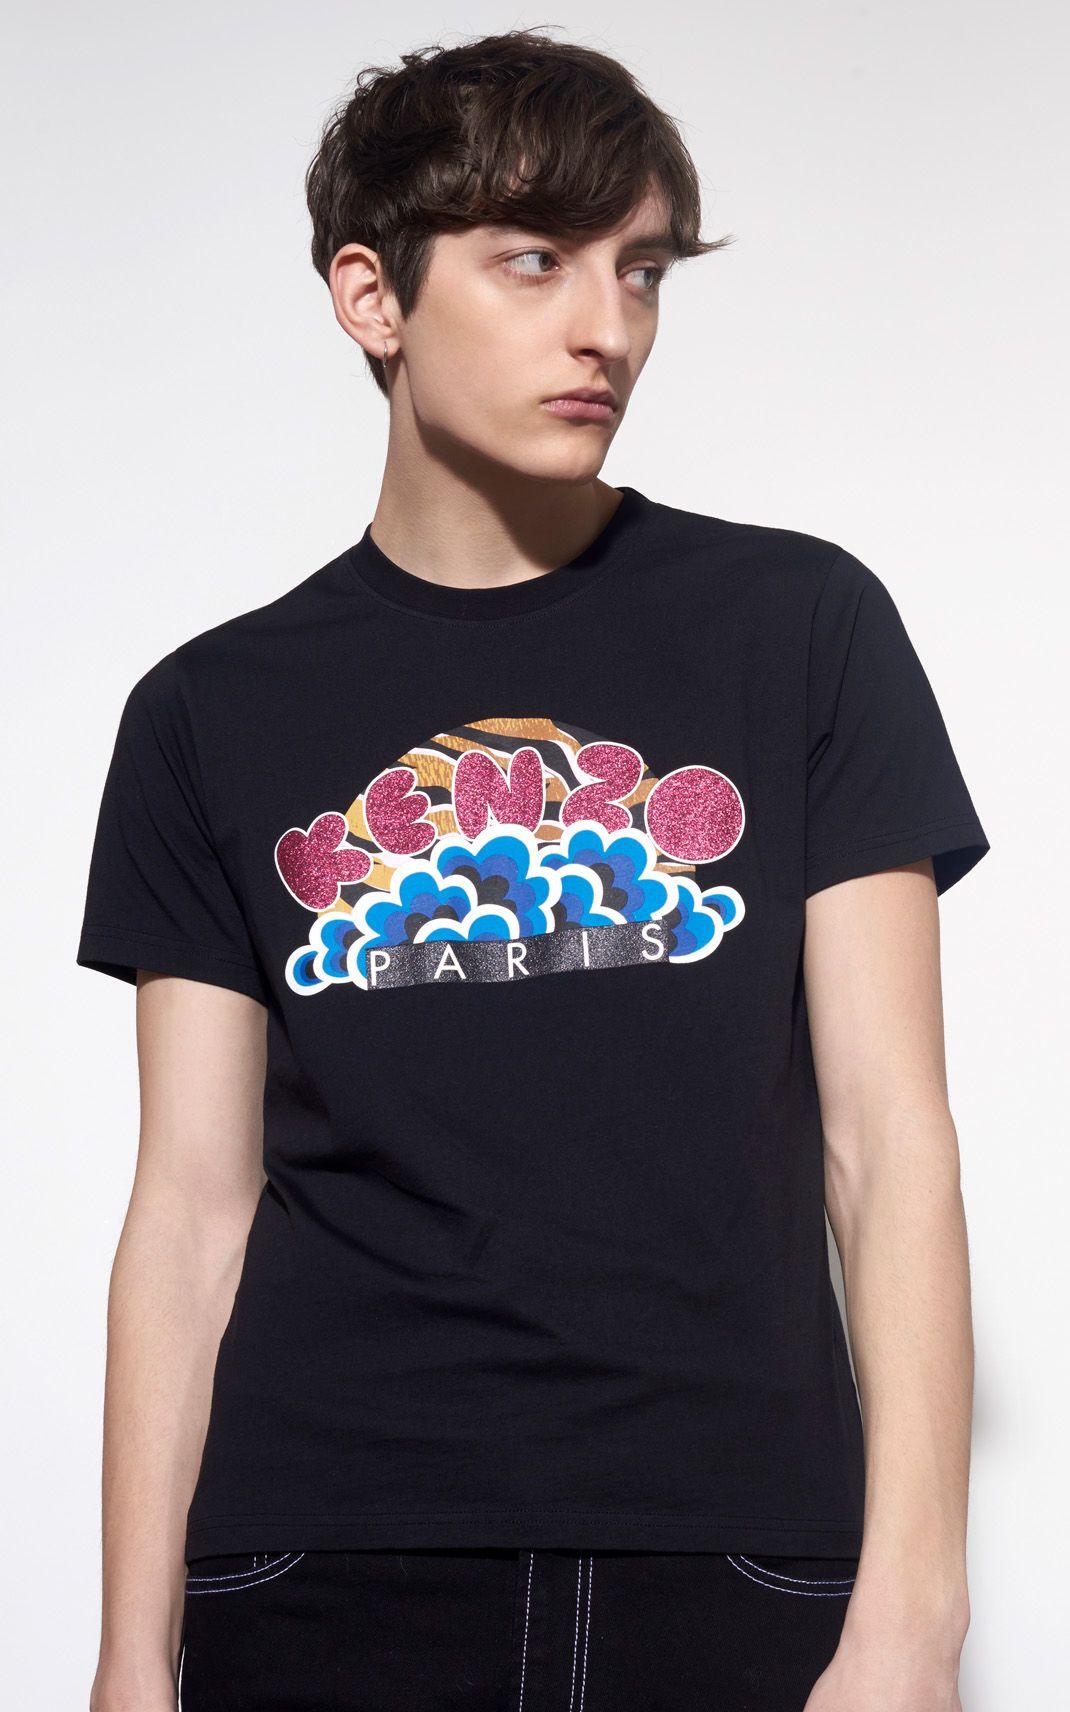 b7da748e KENZO Popcorn Tshirt for Kenzo | Kenzo.com | Graphic Tees | Mens ...